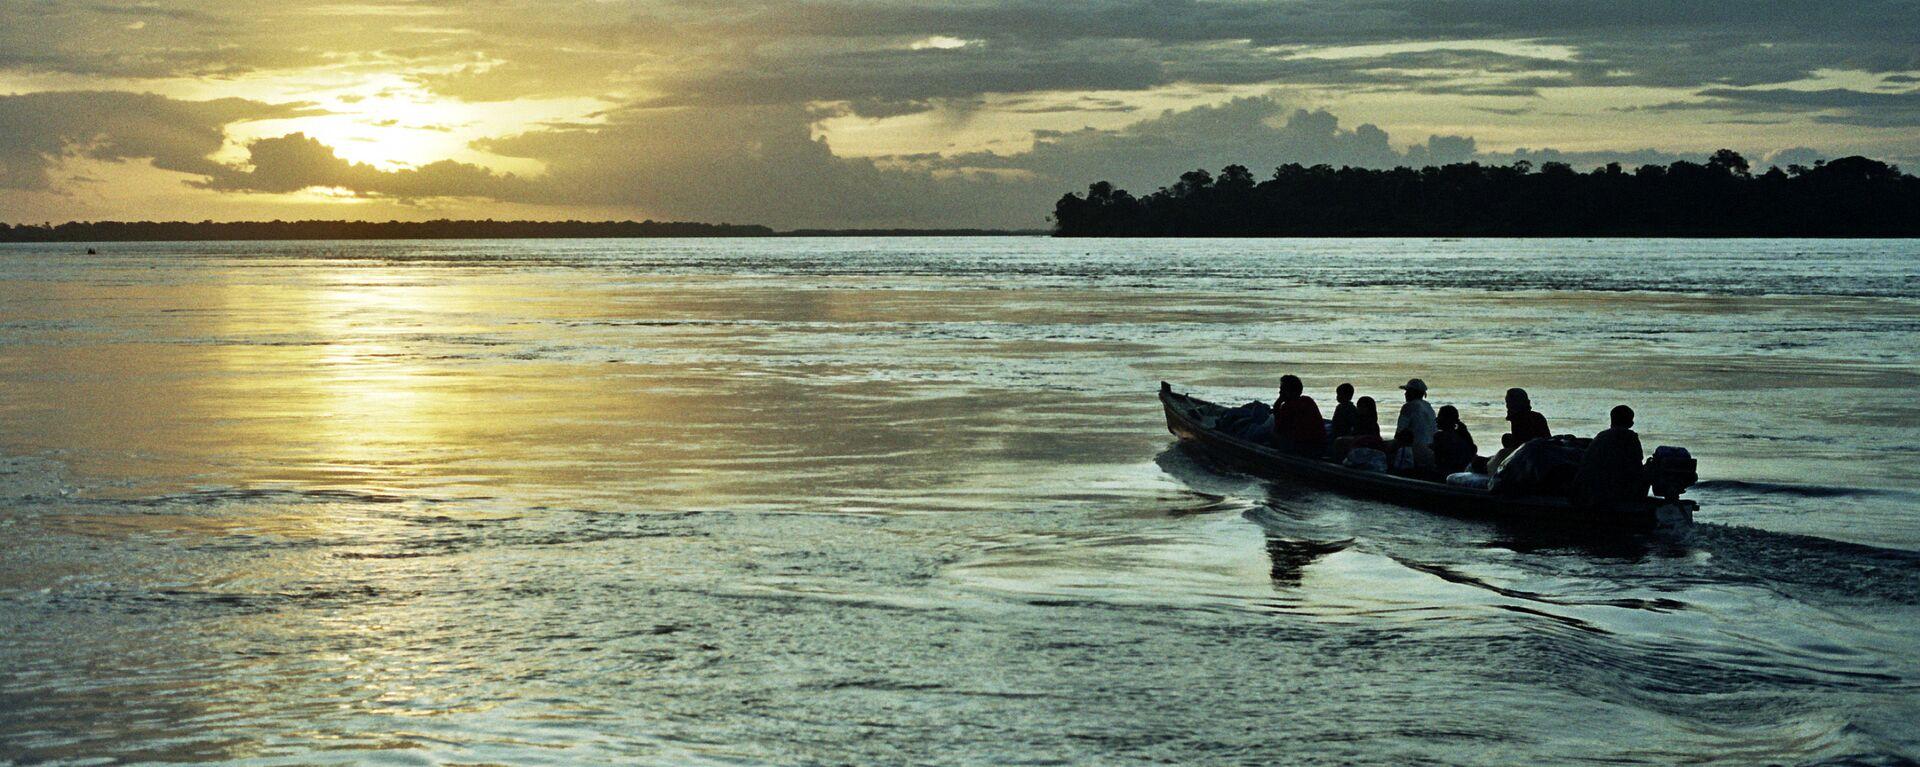 Un bote en Amazonas (imagen referencial) - Sputnik Mundo, 1920, 28.06.2021